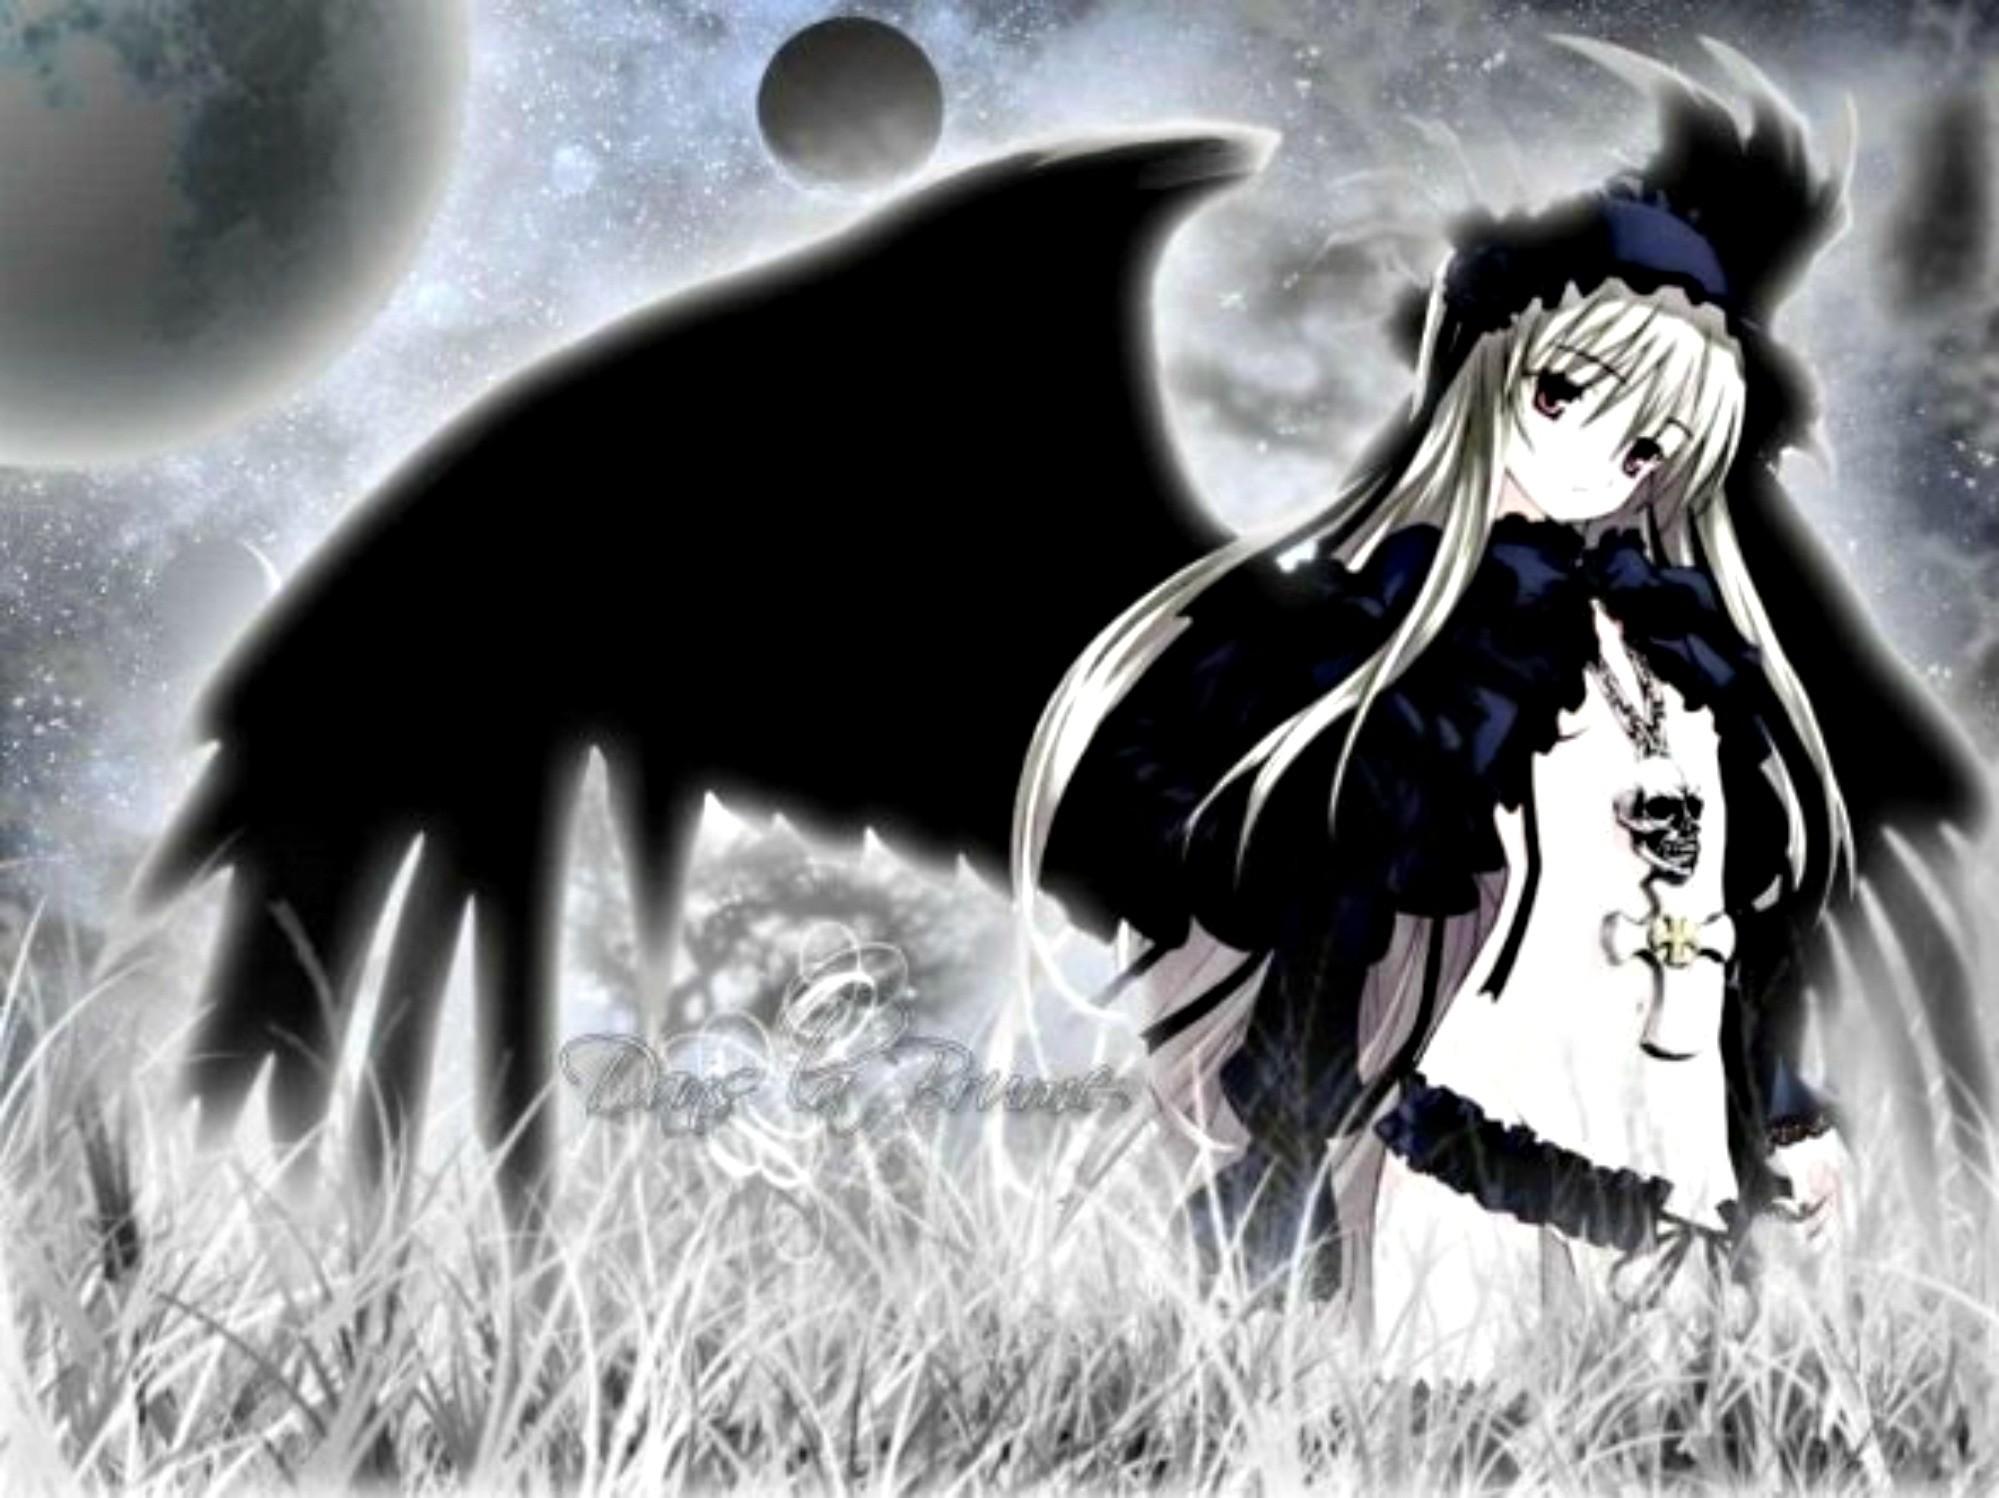 Dark anime girl wallpaper 61 images - Dark angel anime wallpaper ...